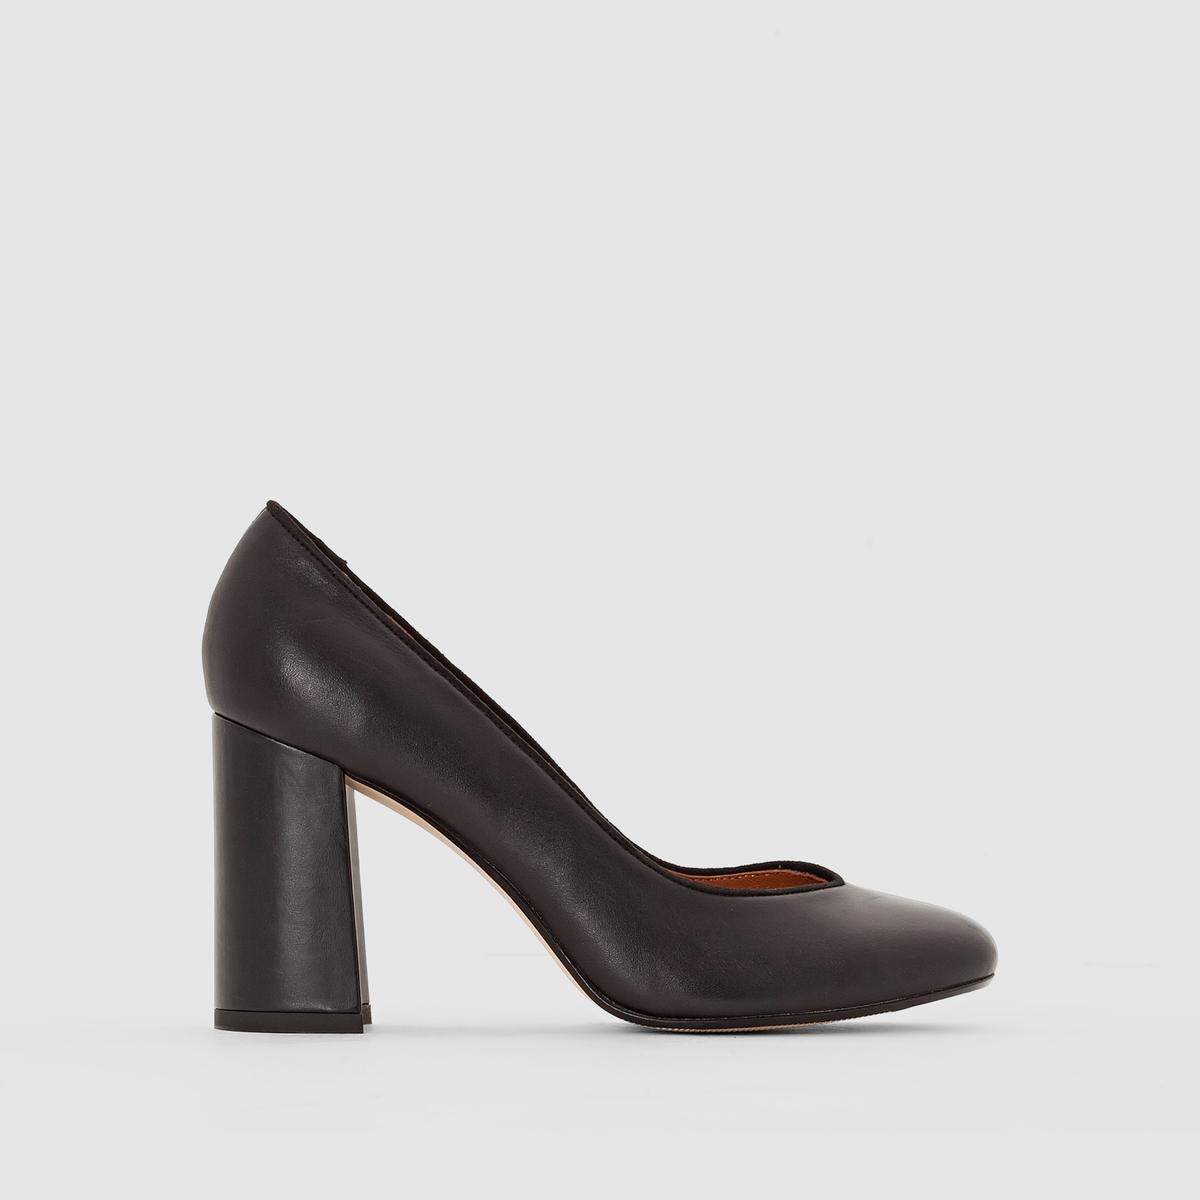 цены на Туфли-лодочки кожаные на широком каблуке в интернет-магазинах